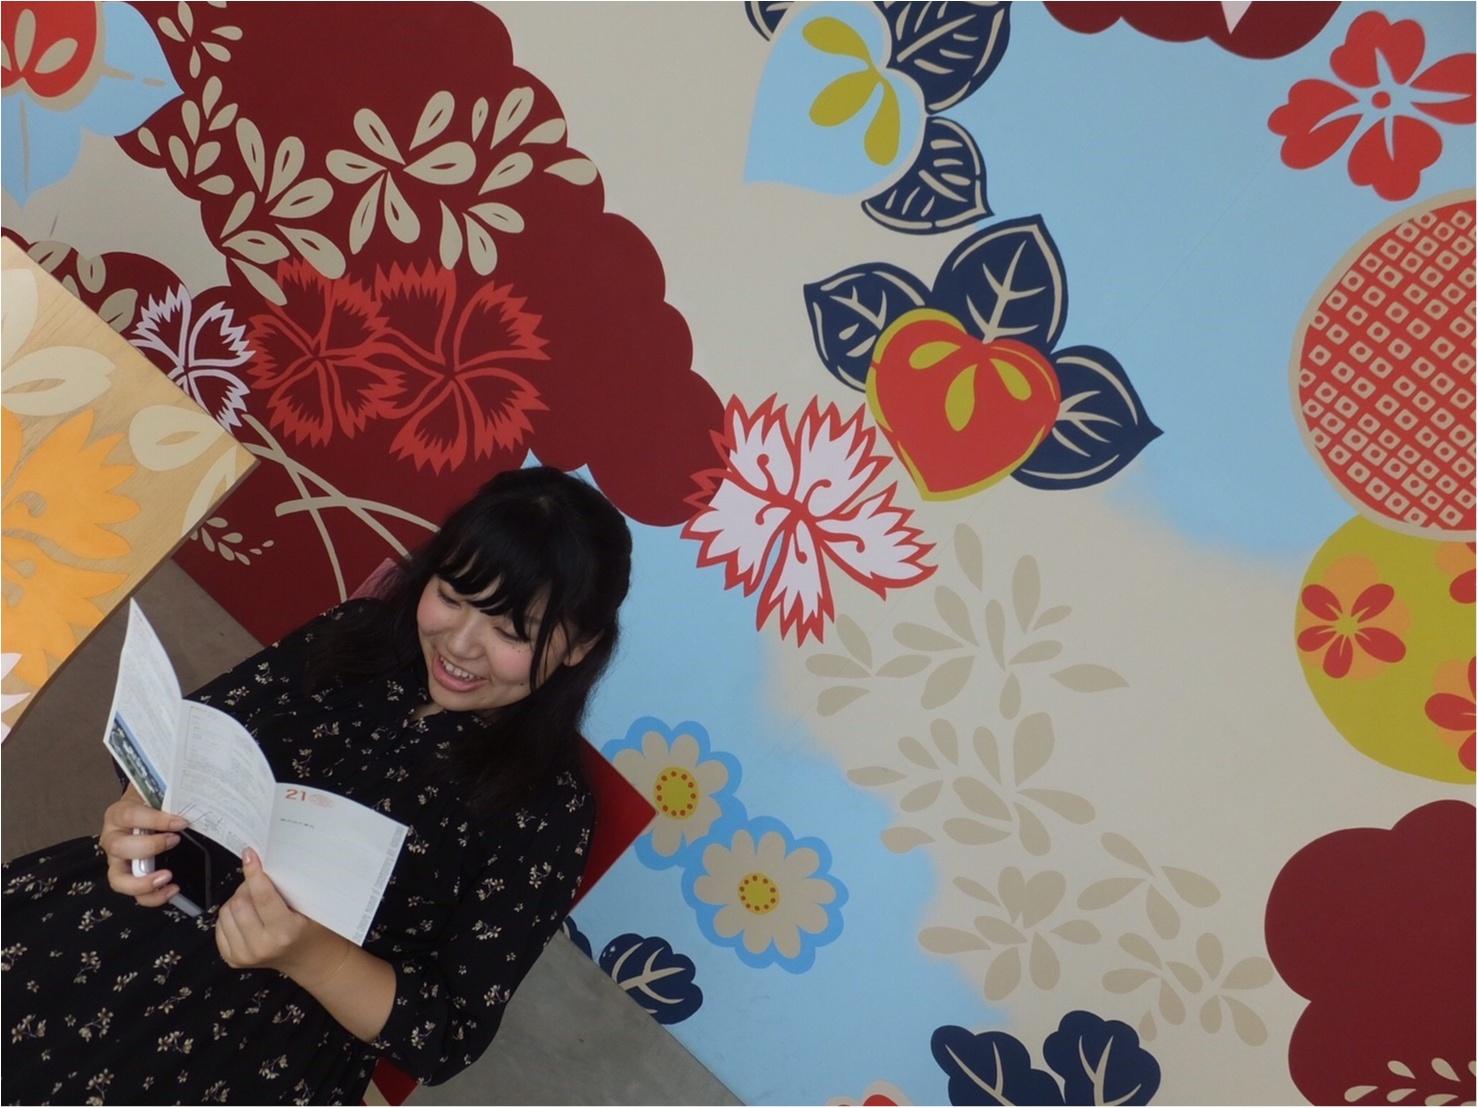 金沢女子旅特集 - 日帰り・週末旅行に! 金沢21世紀美術館など観光地やグルメまとめ_8